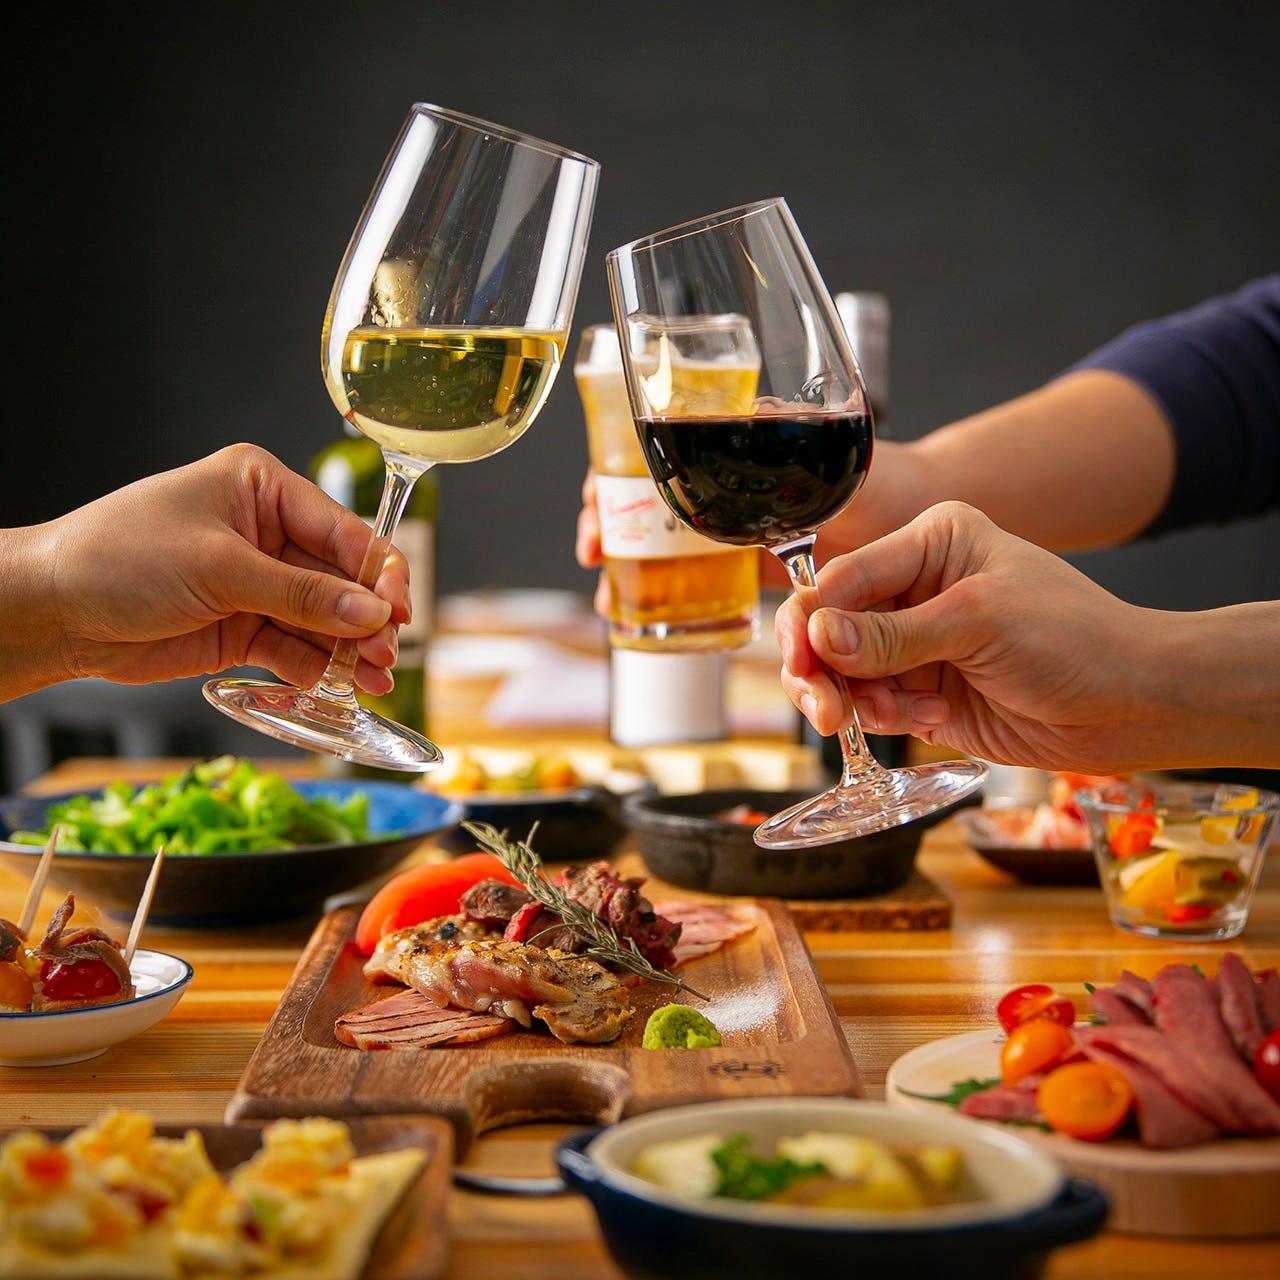 【時間無制限】時間を気にせずまったり『エンドレス飲み放題』ビールやハイボール、ワイン、日本酒など